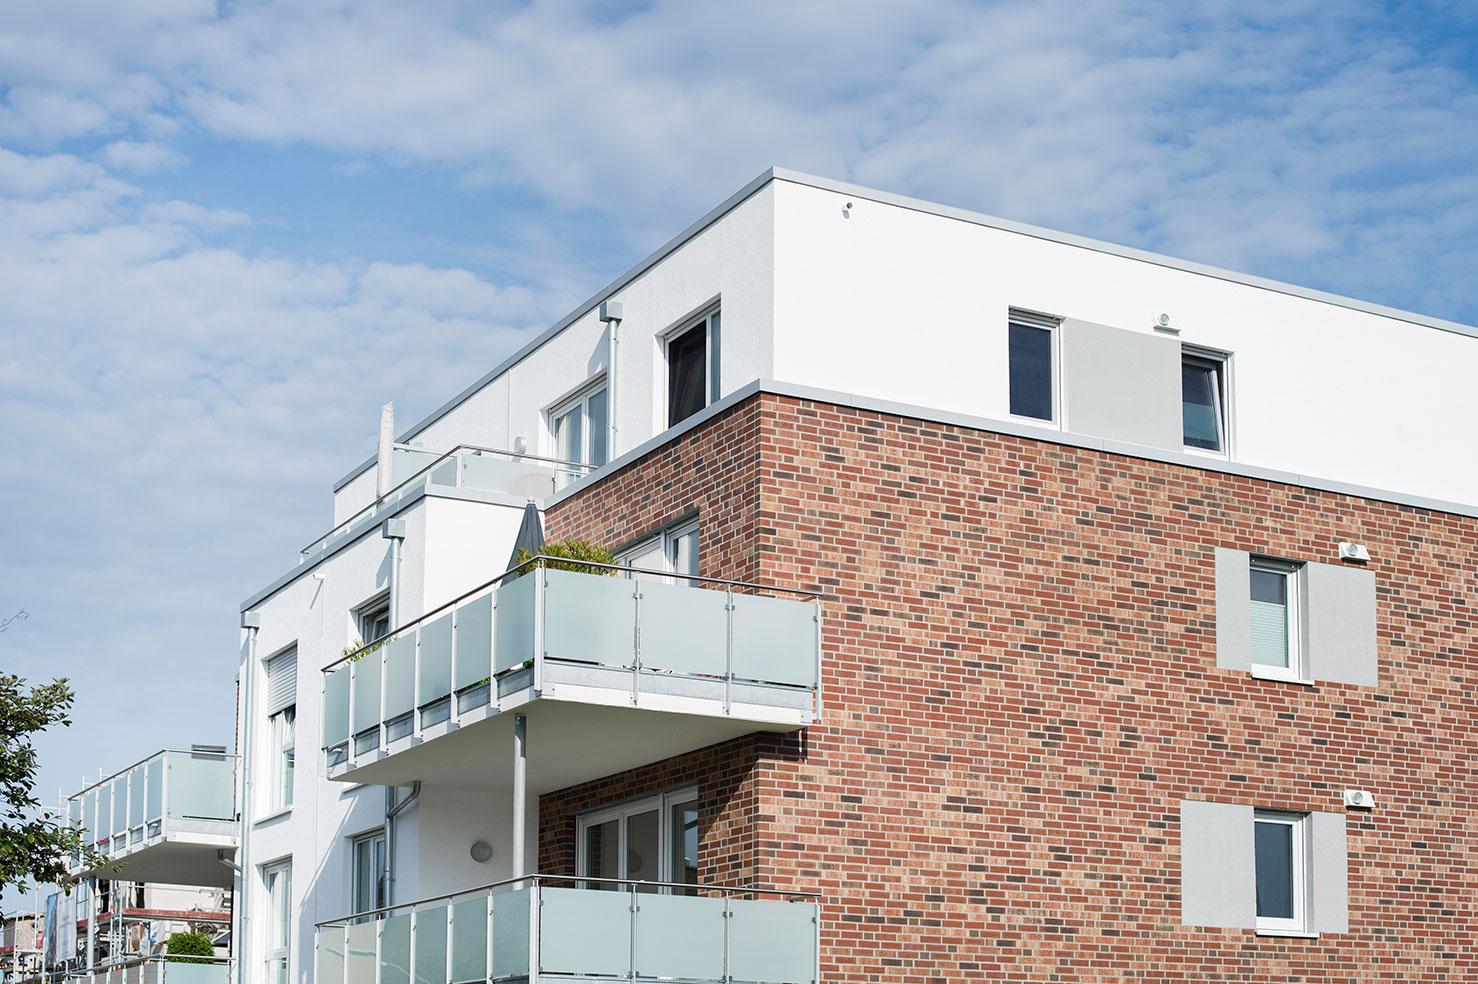 5 stadtvillen mit jeweils 6 barrierefreien eigentumswohnungen im kfw55 standard. Black Bedroom Furniture Sets. Home Design Ideas